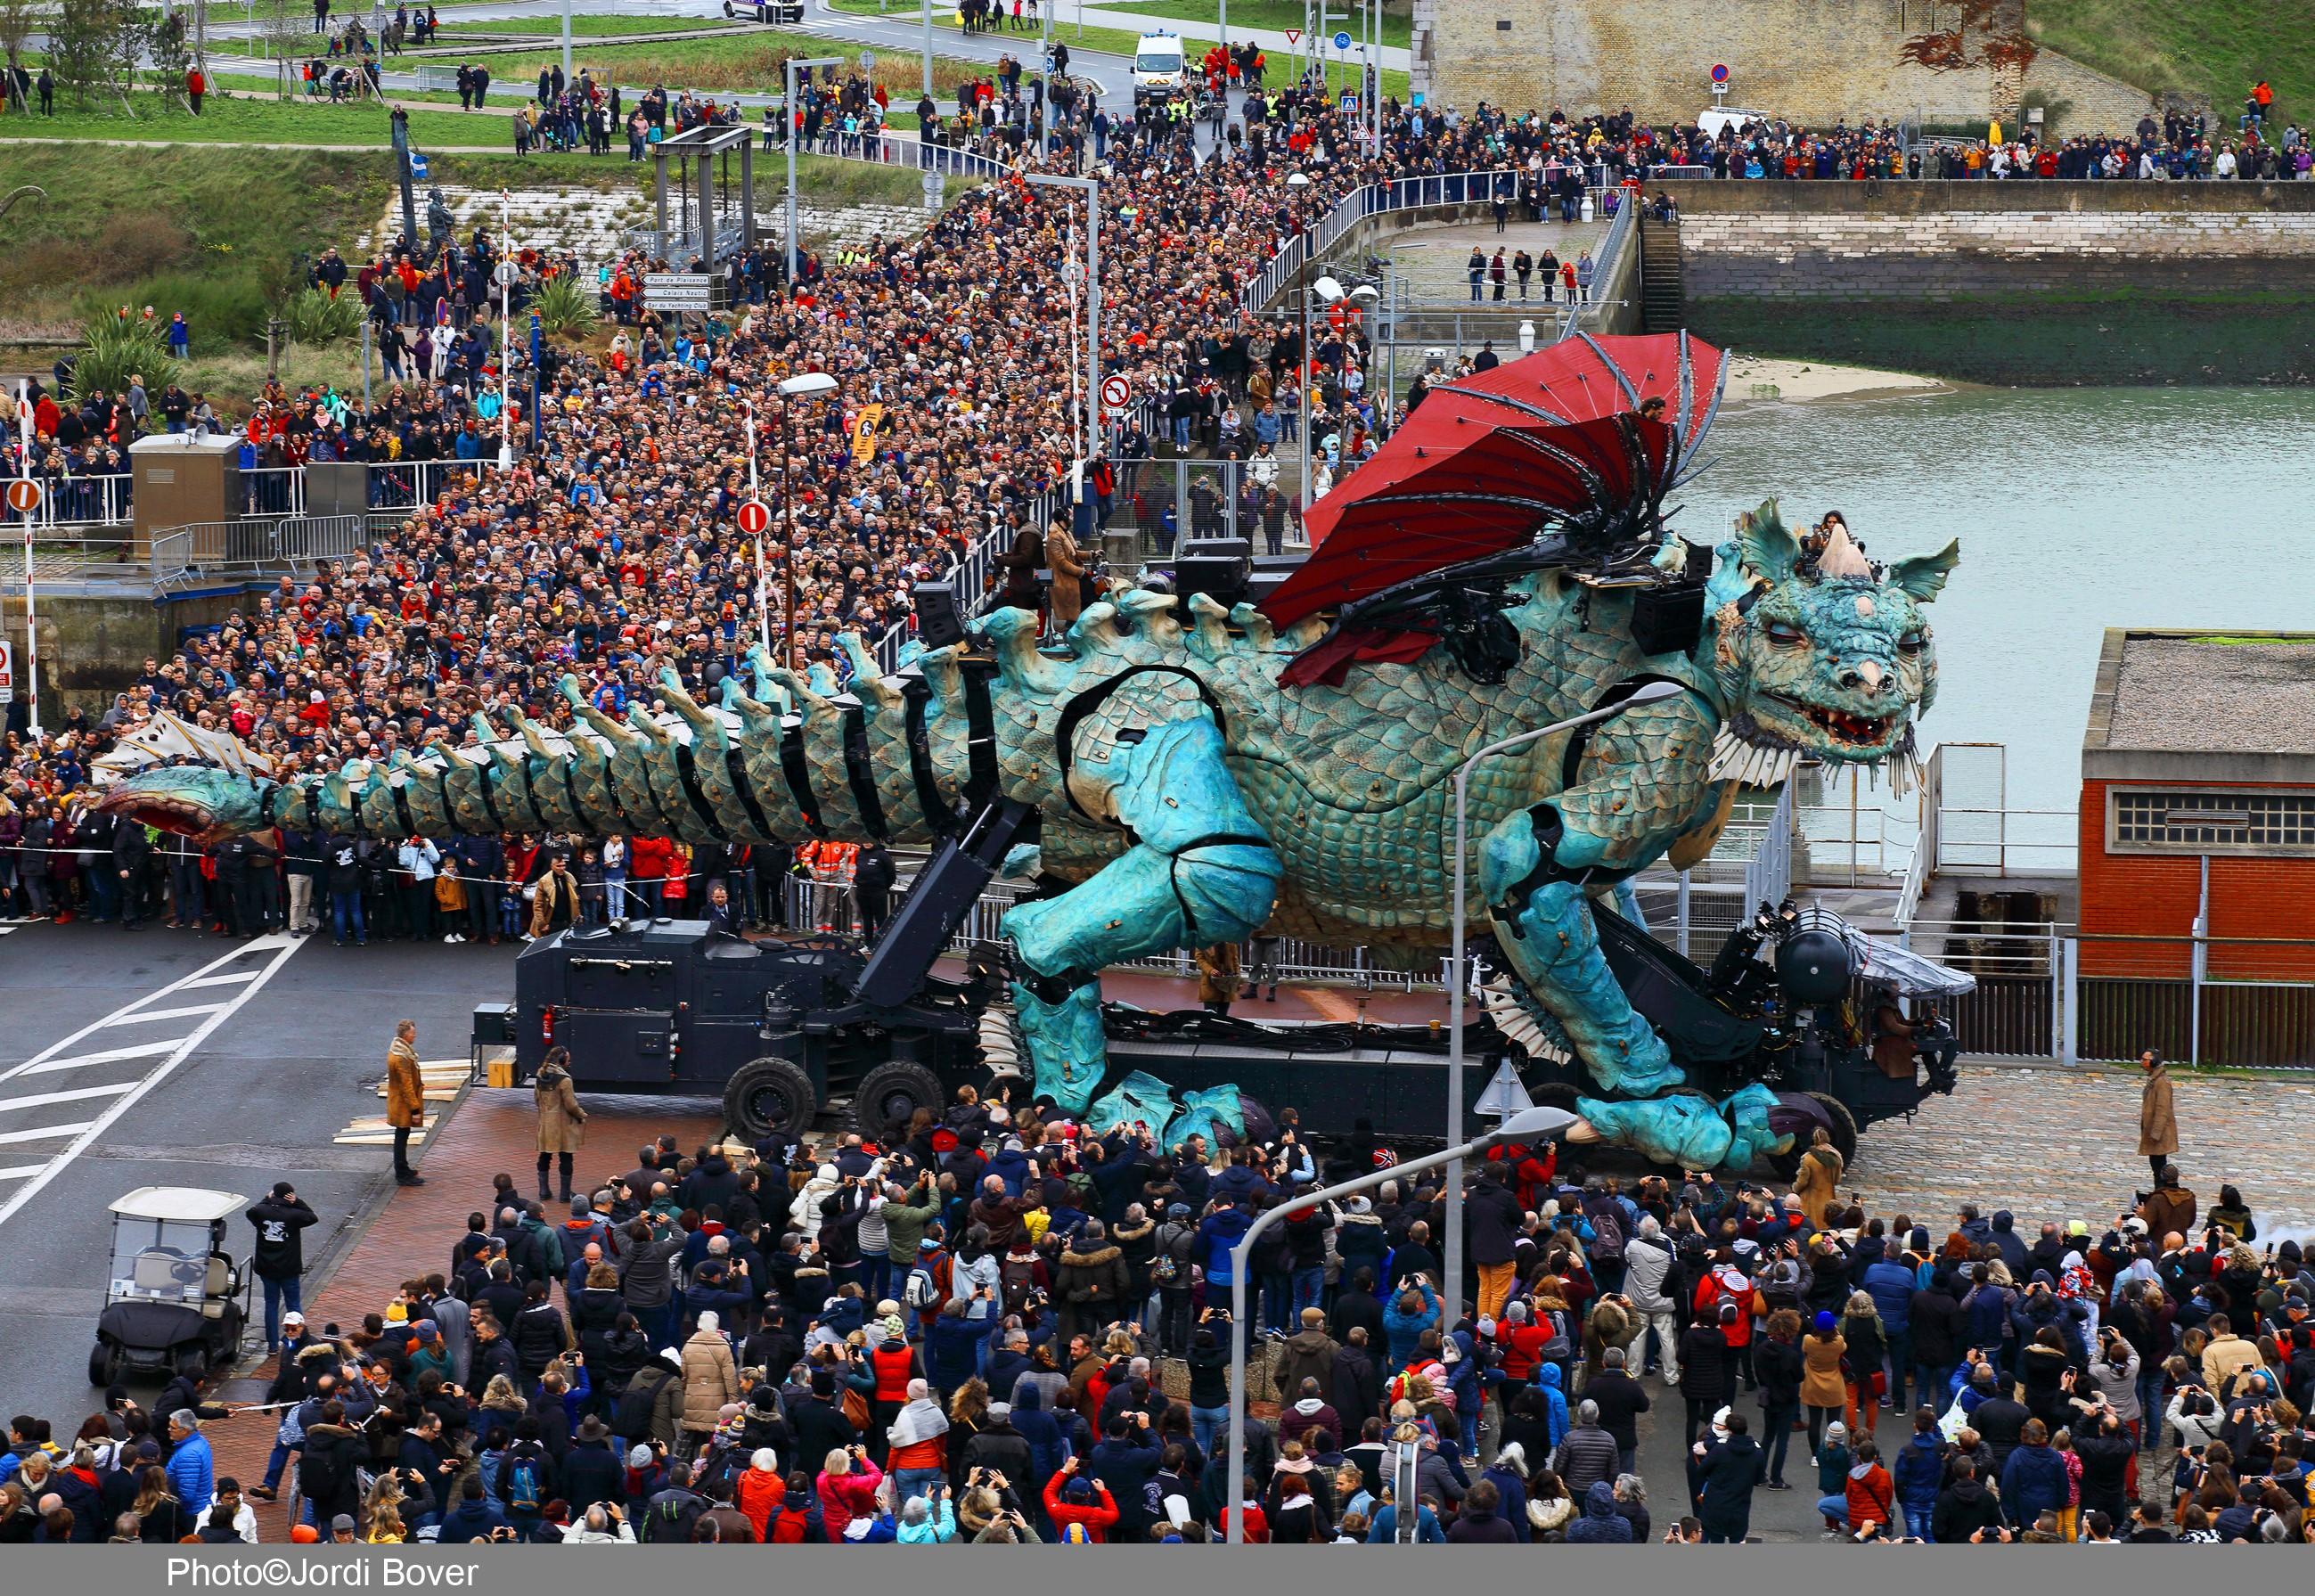 dragon-4-jordi-bover